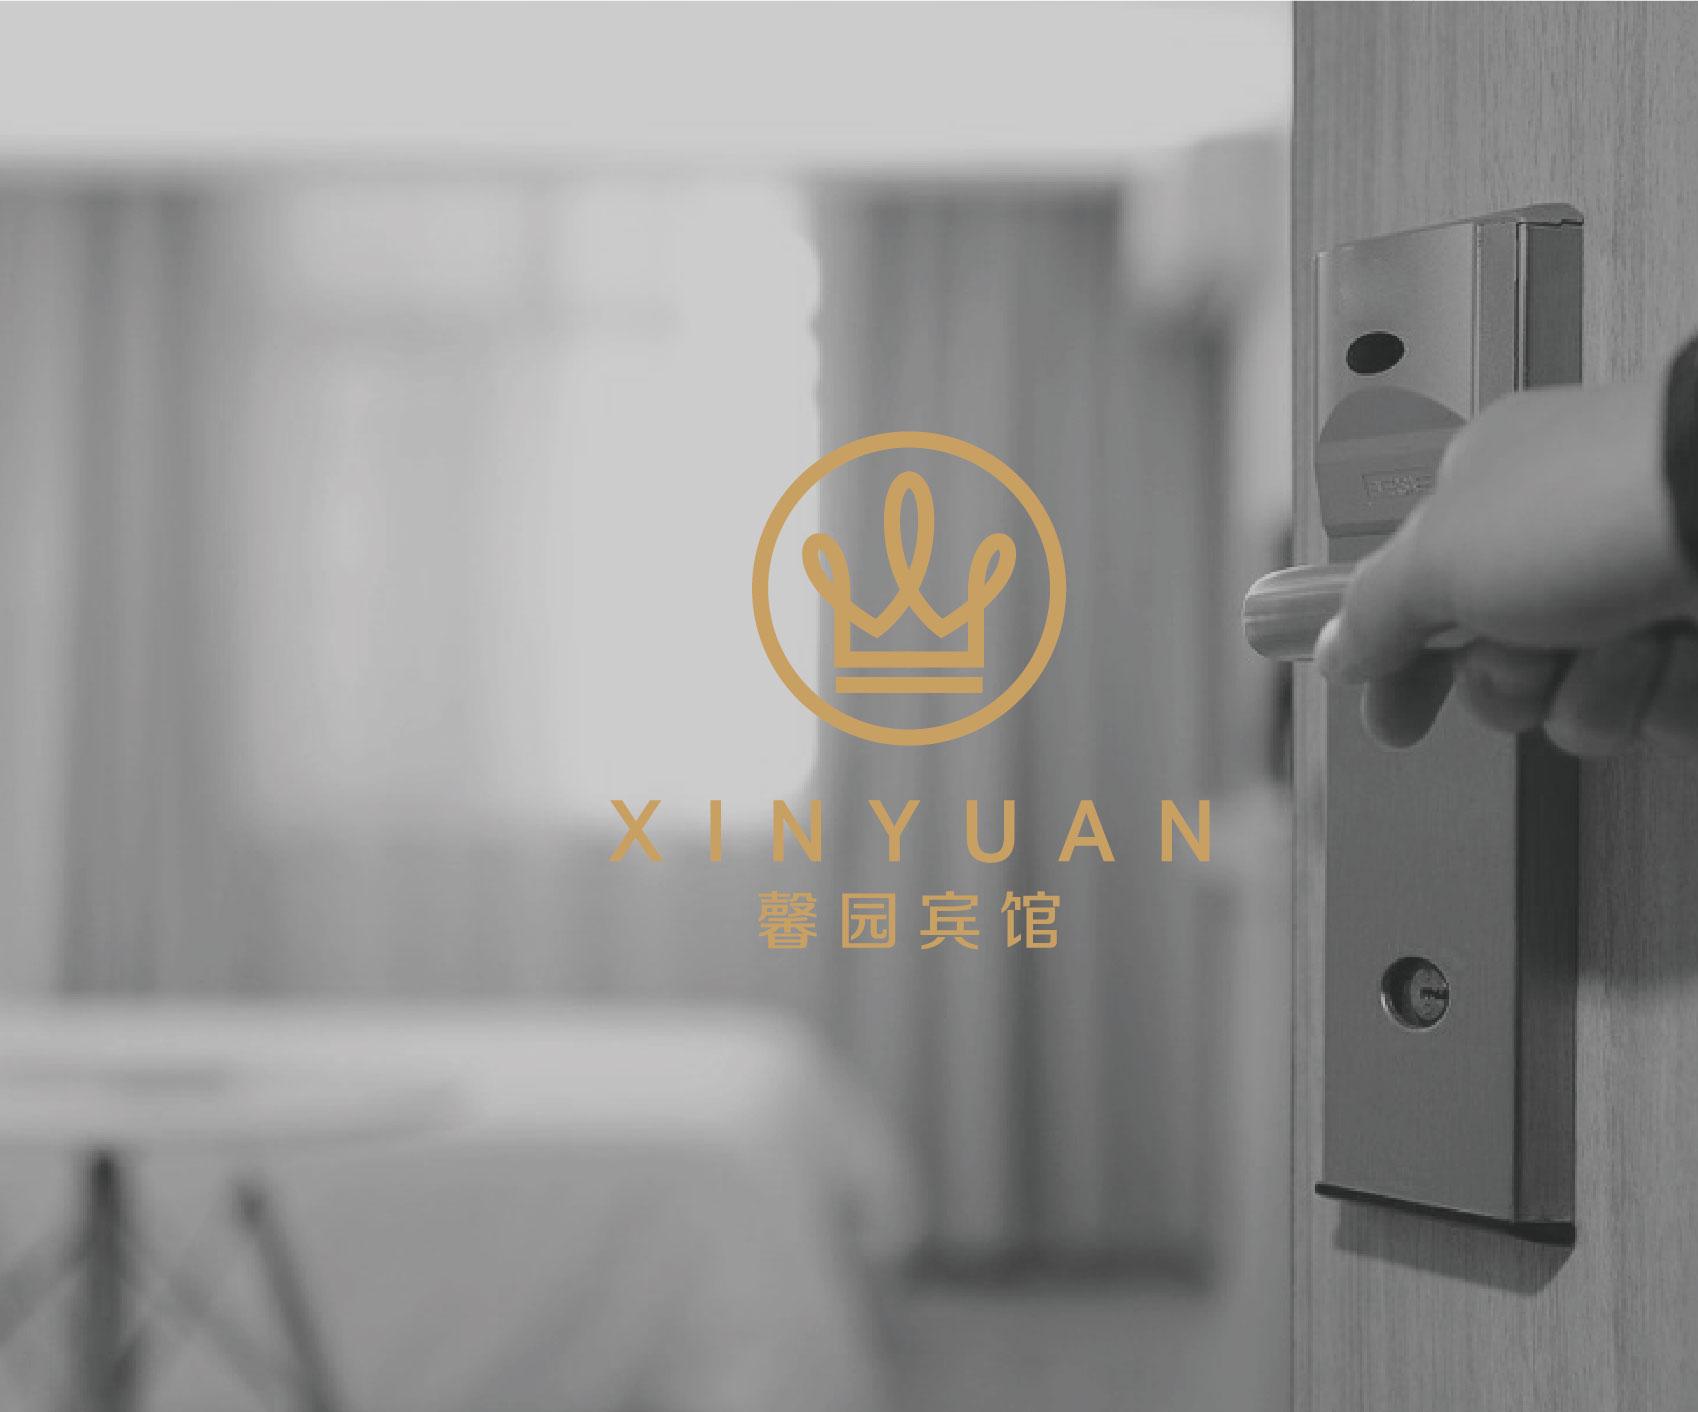 馨源酒店品牌设计